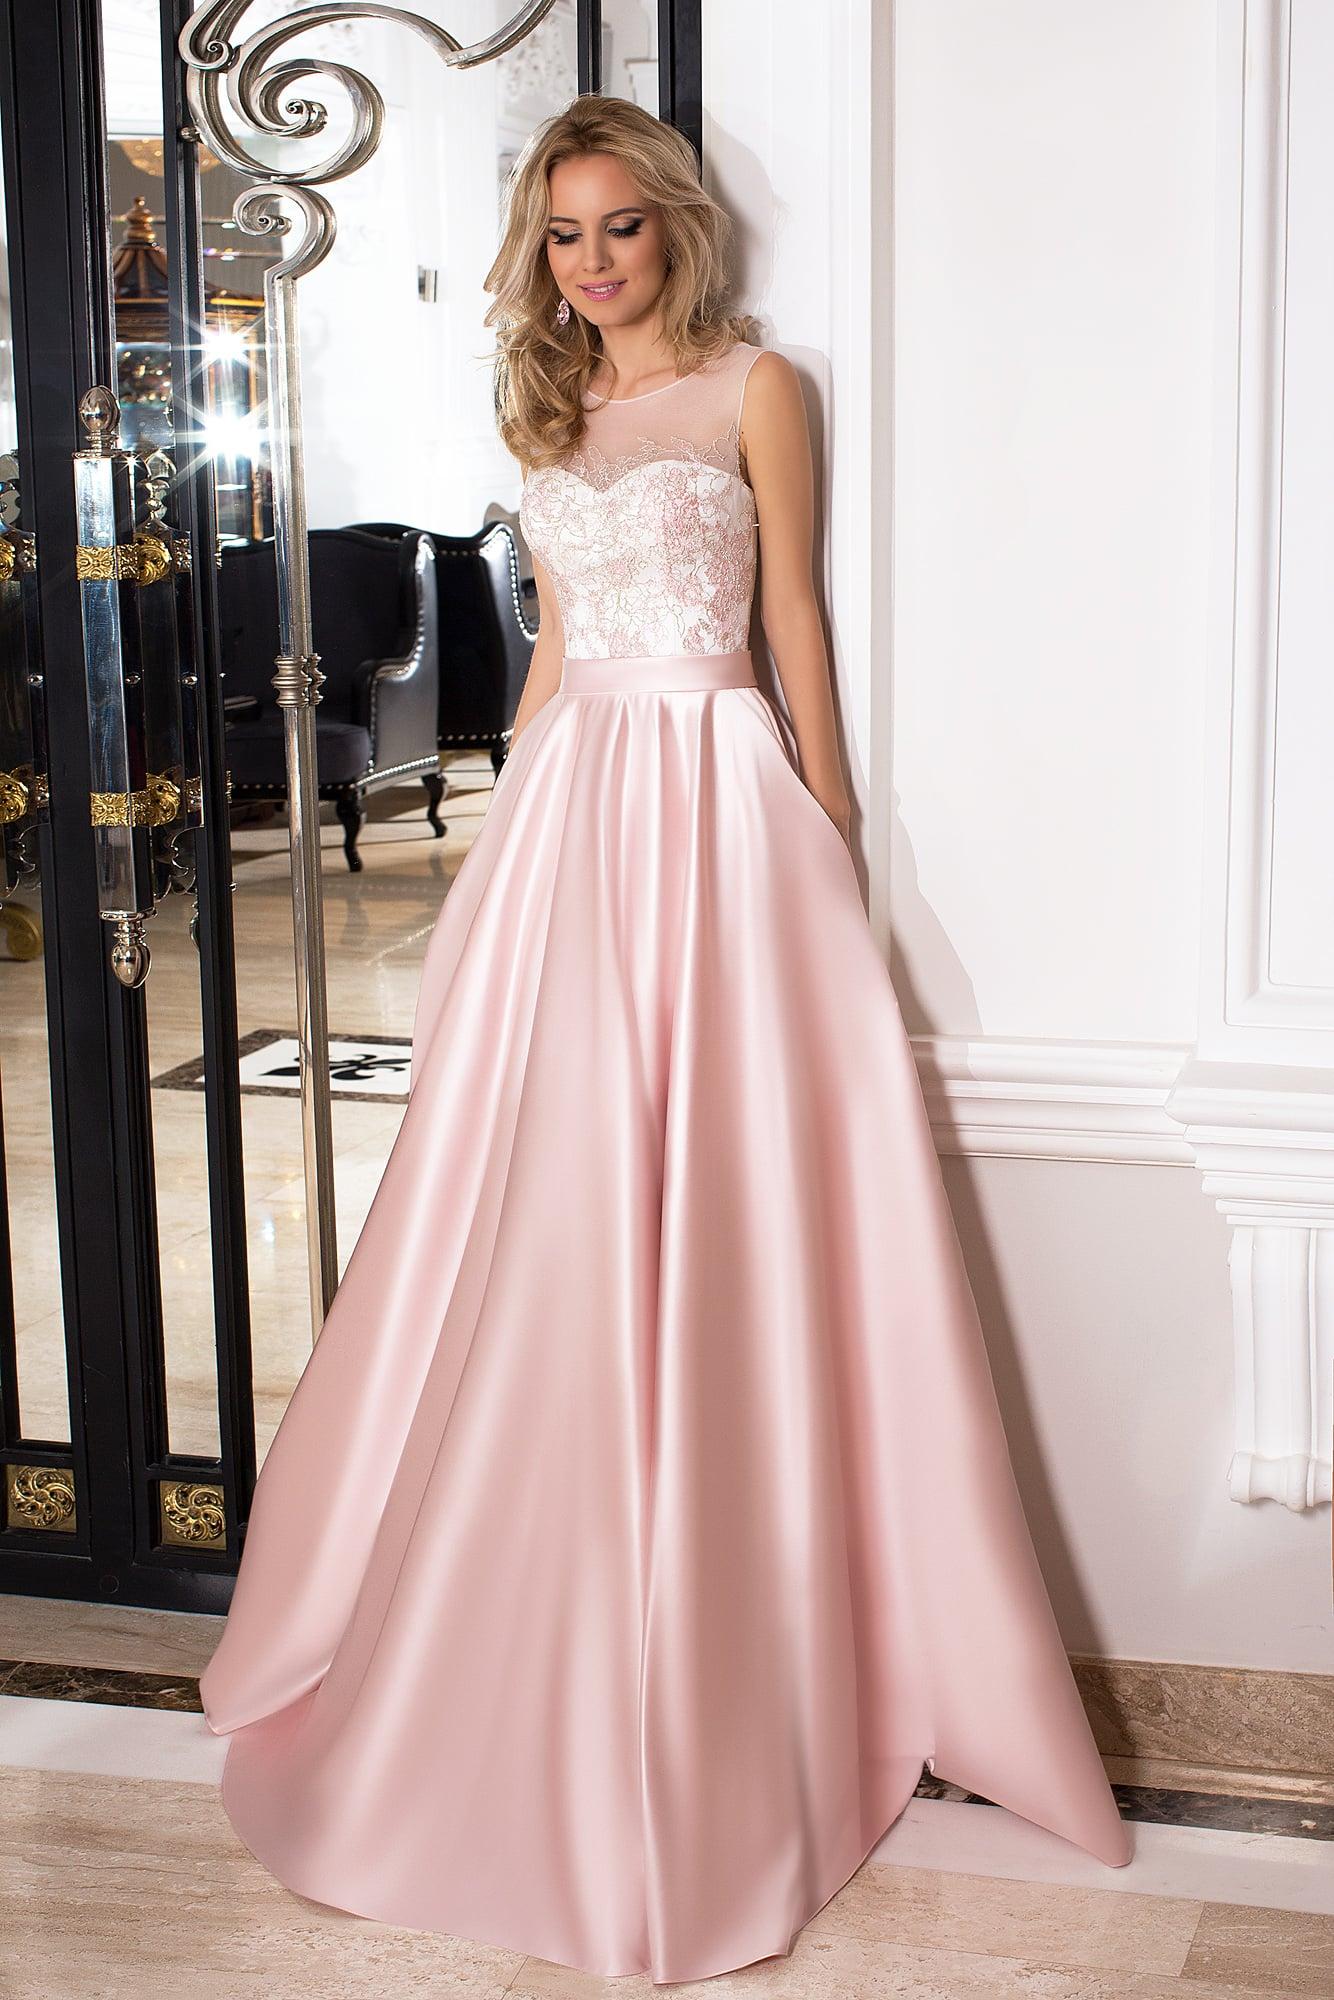 34bde3387f3 Пышное вечернее платье оттенка розового кварца с закрытым полупрозрачным  верхом.